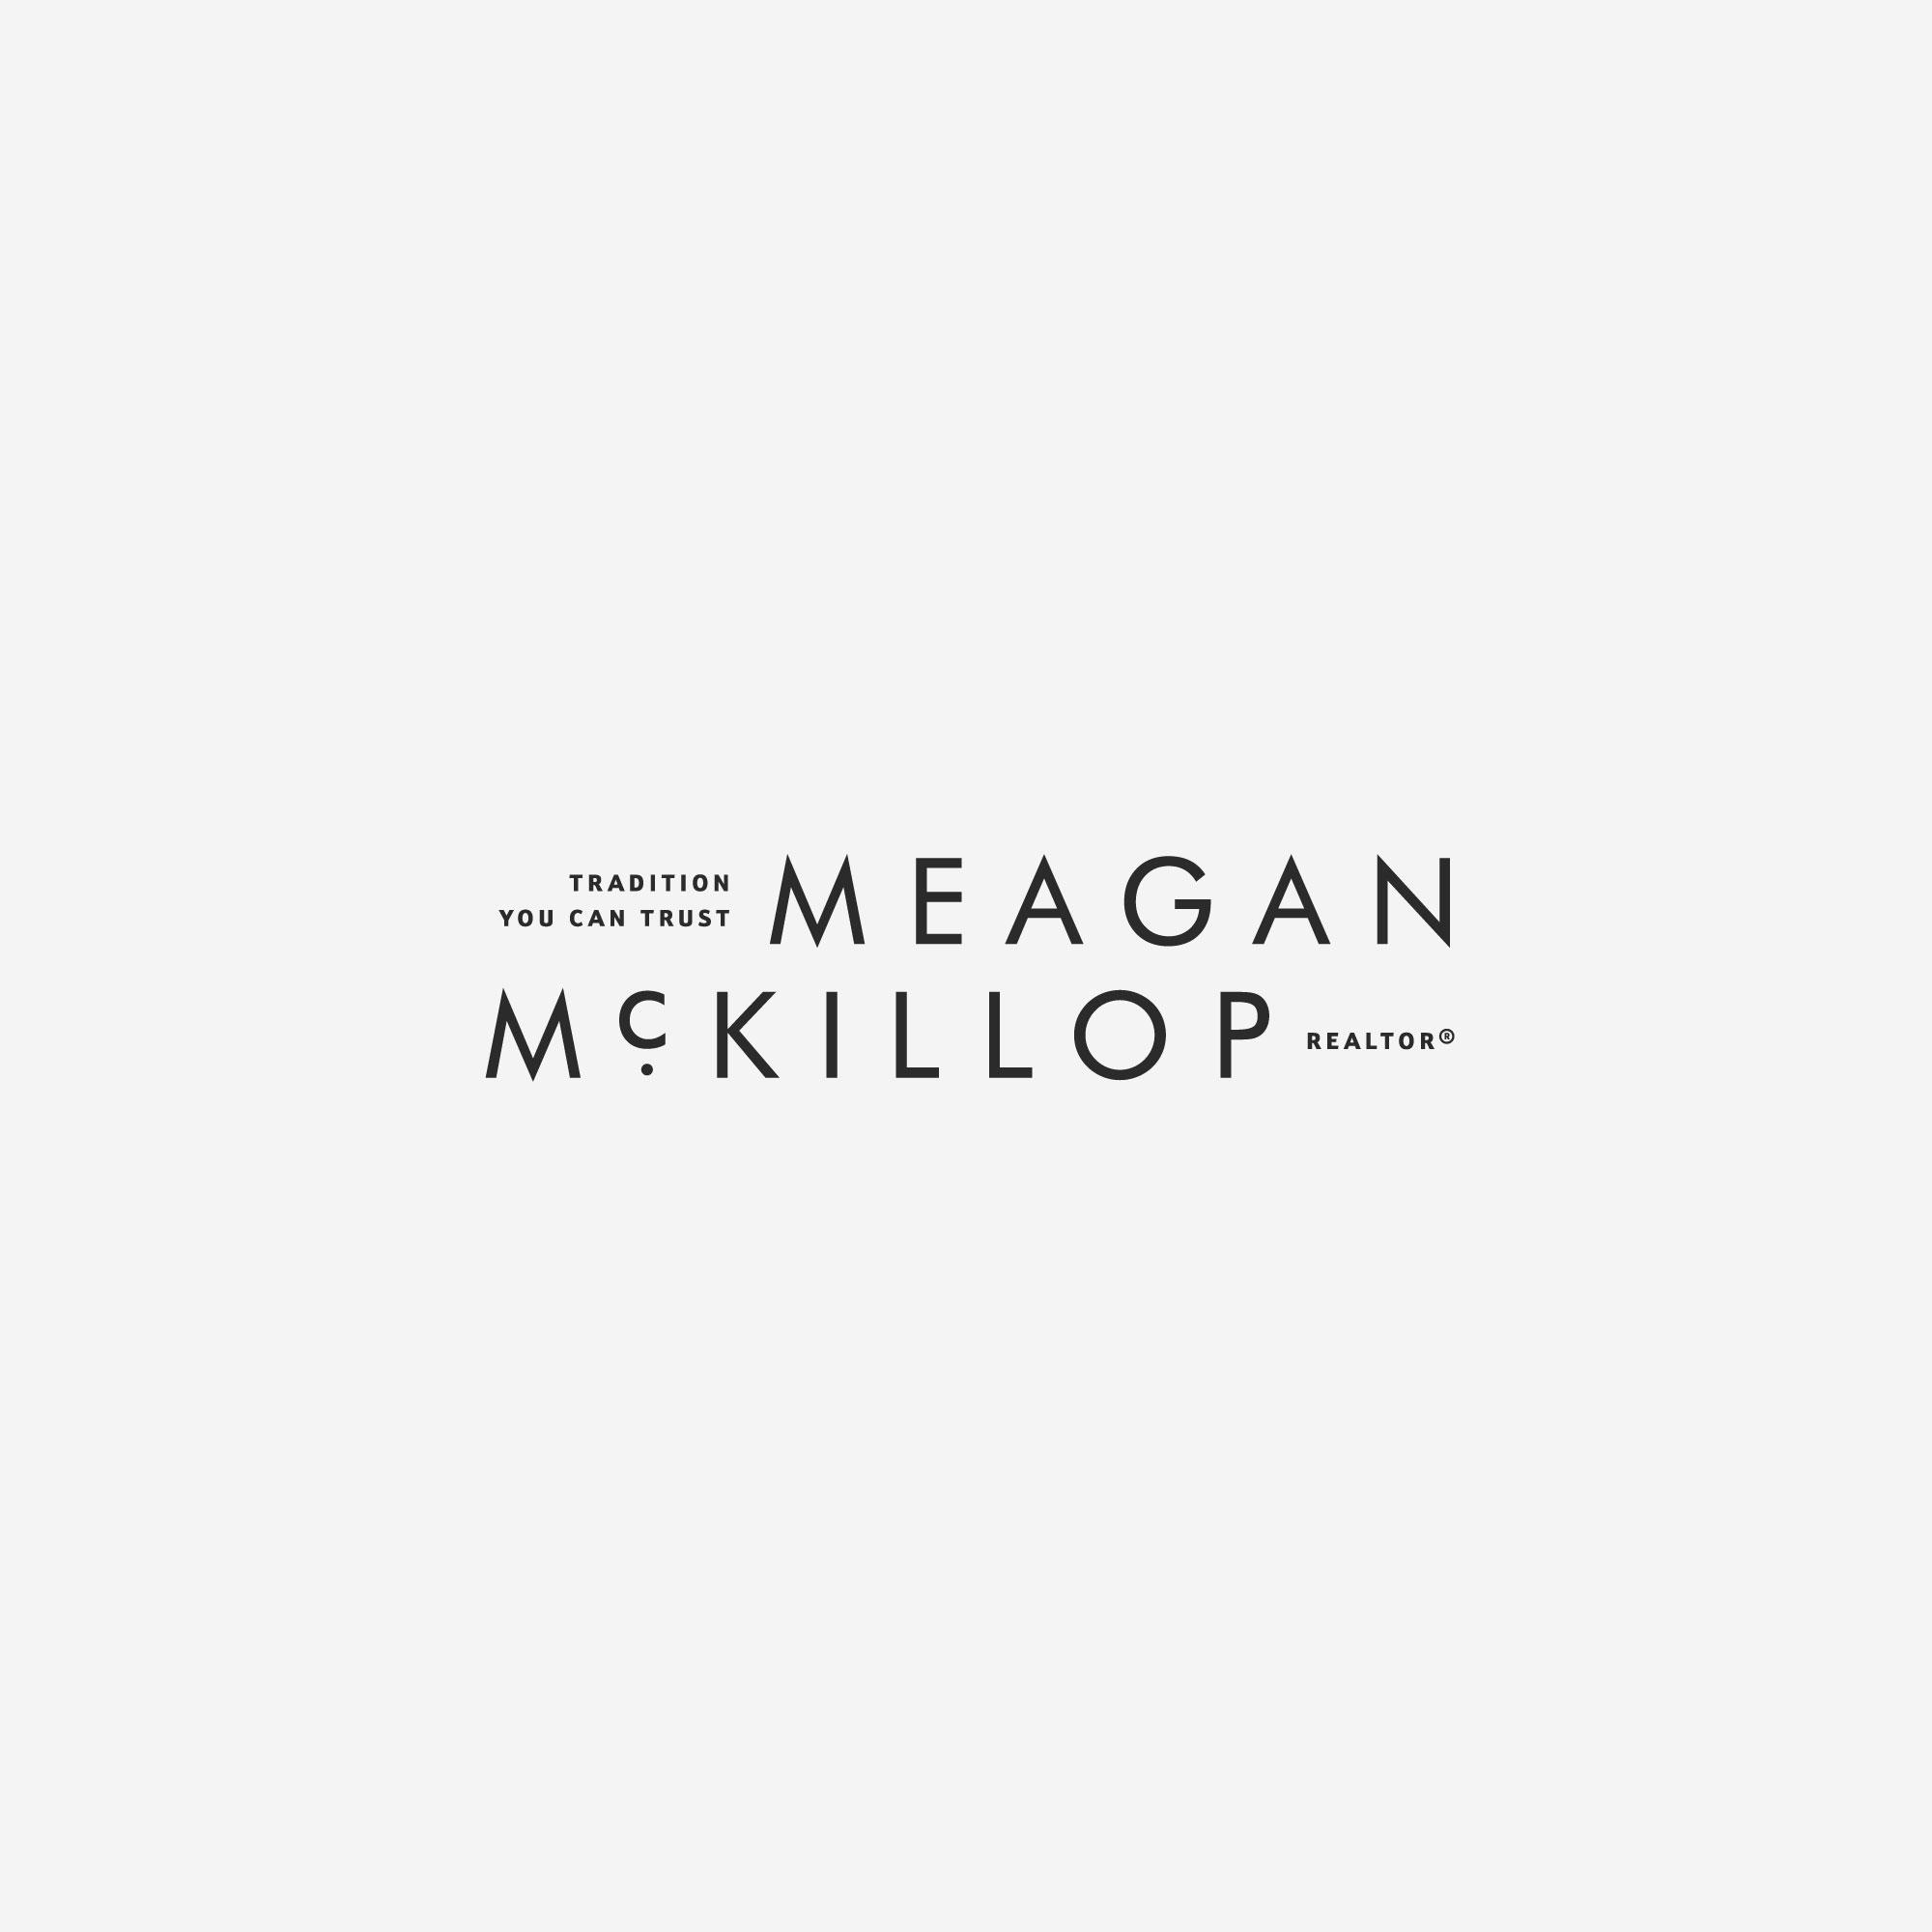 MEAGAN McKILLOP - RE/MAX (COMING SOON!)